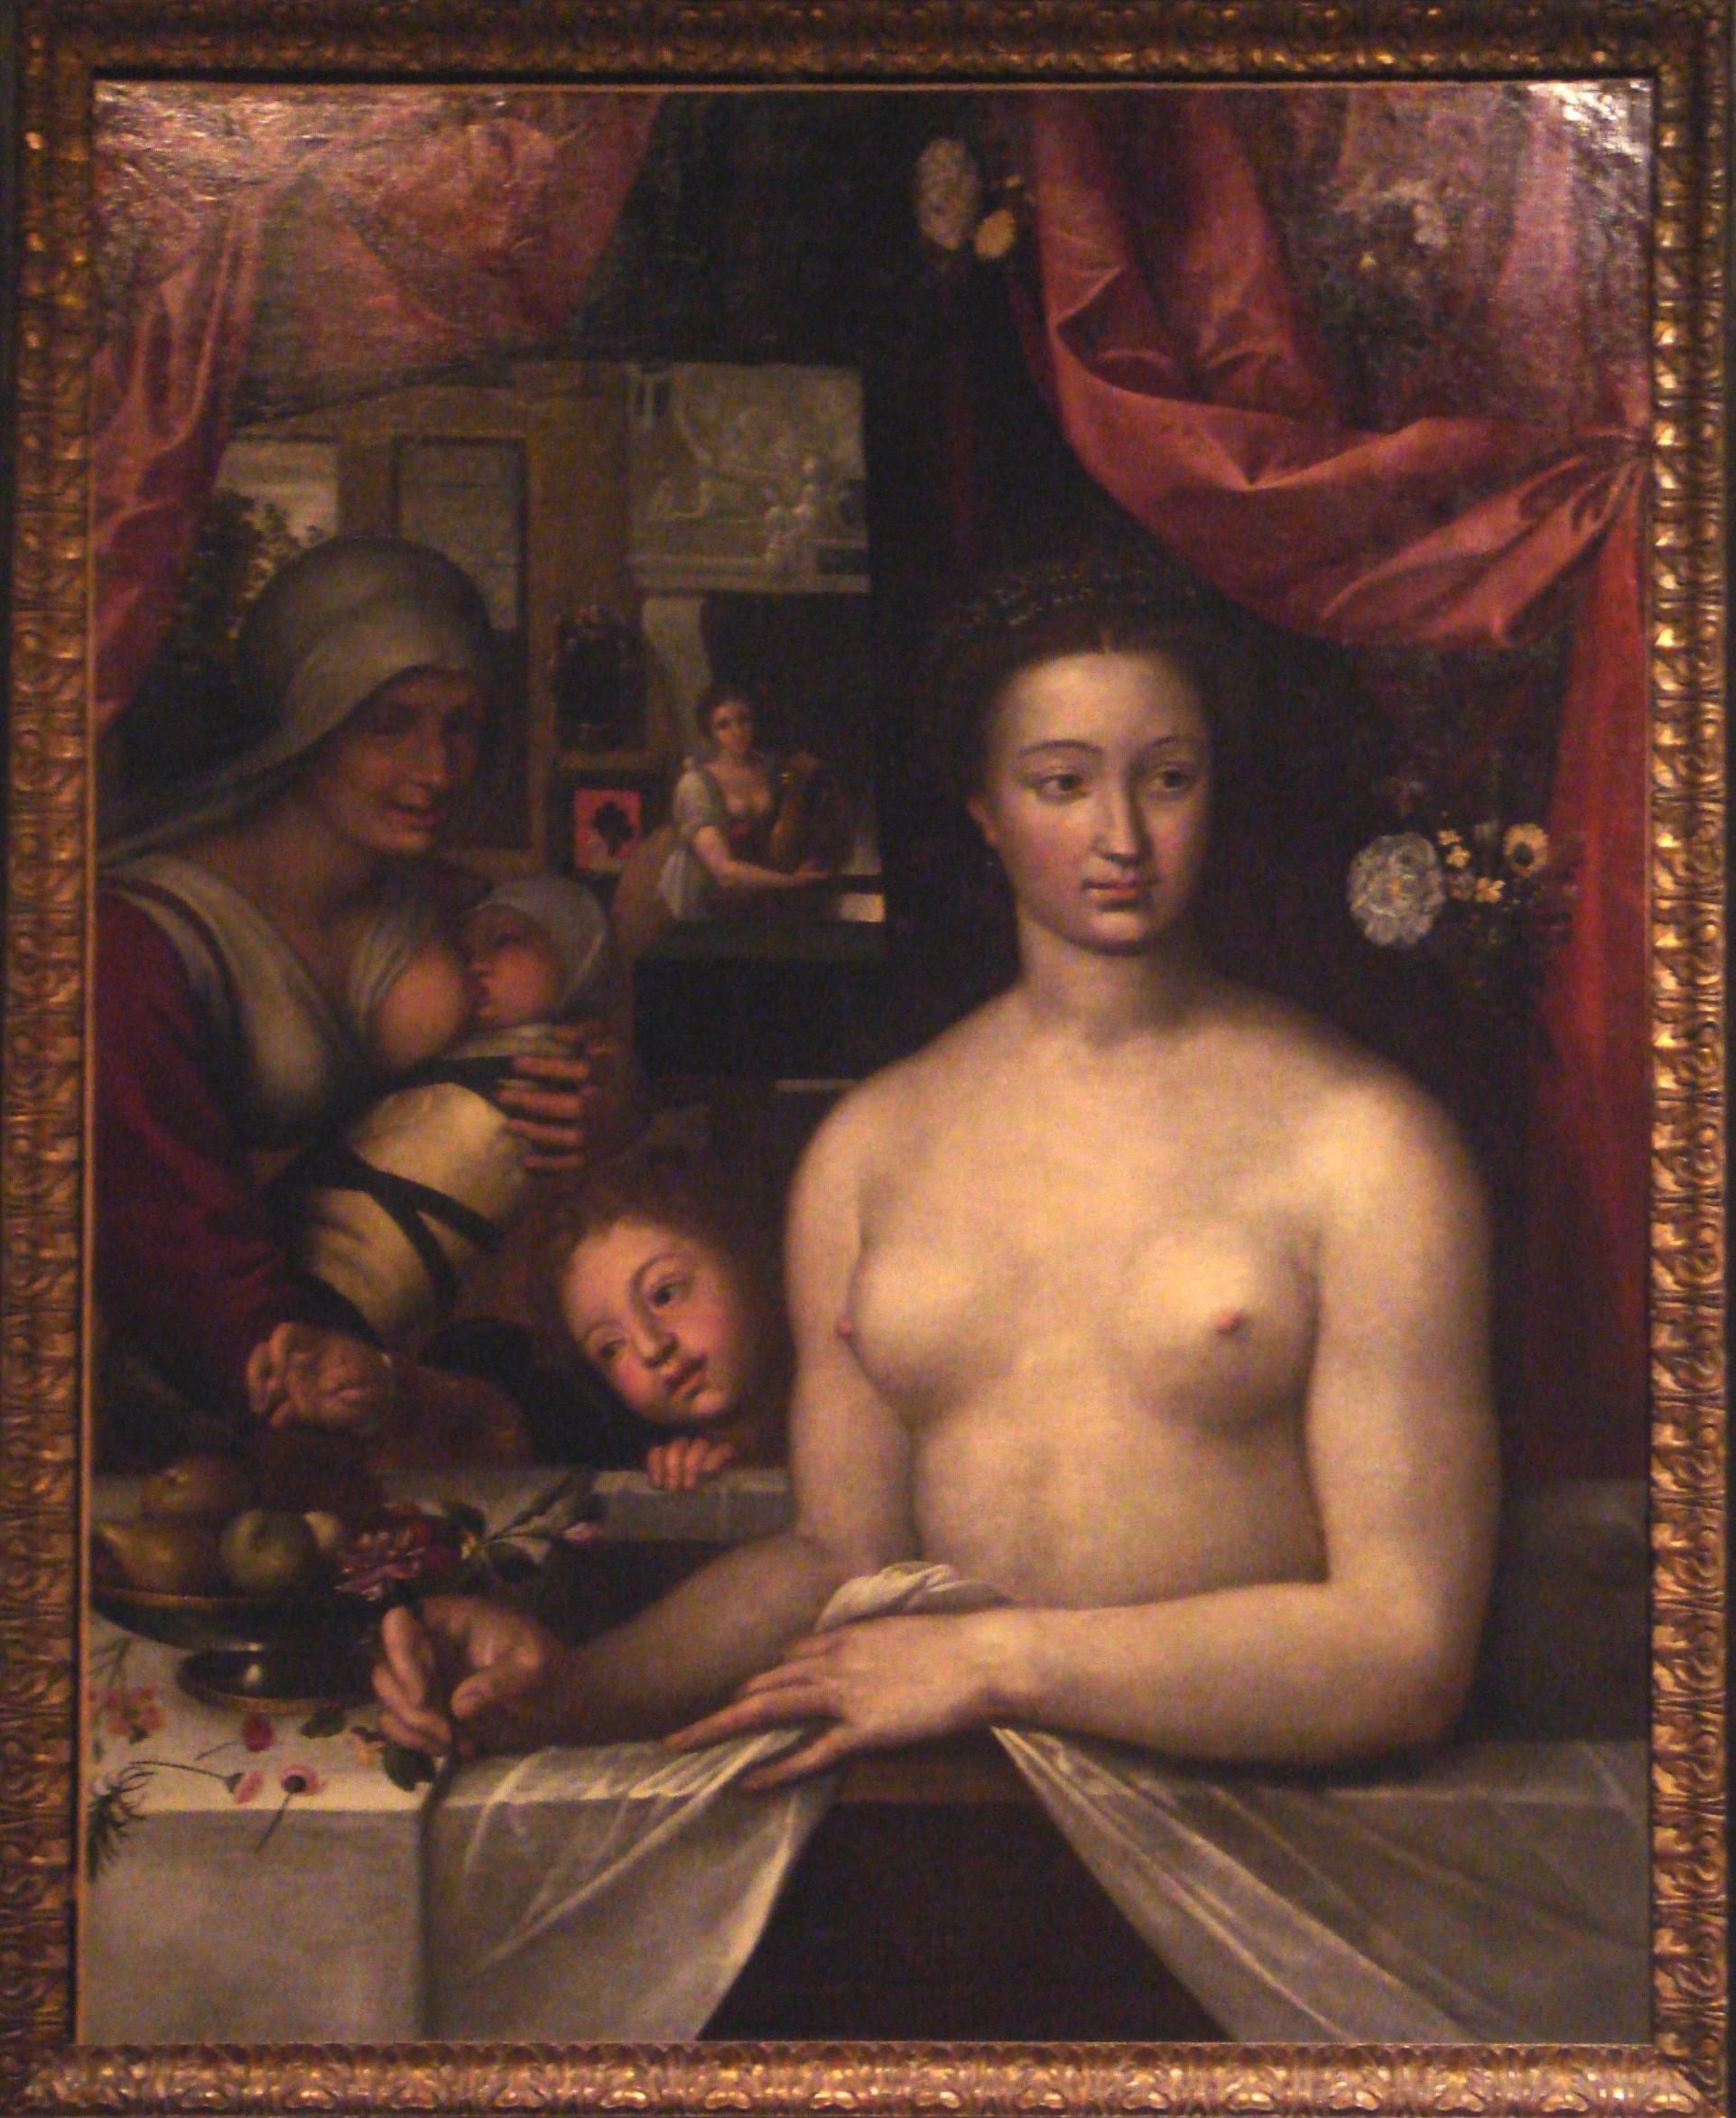 Dame_au_bain_Francois_Clouet_end_of_16th_century